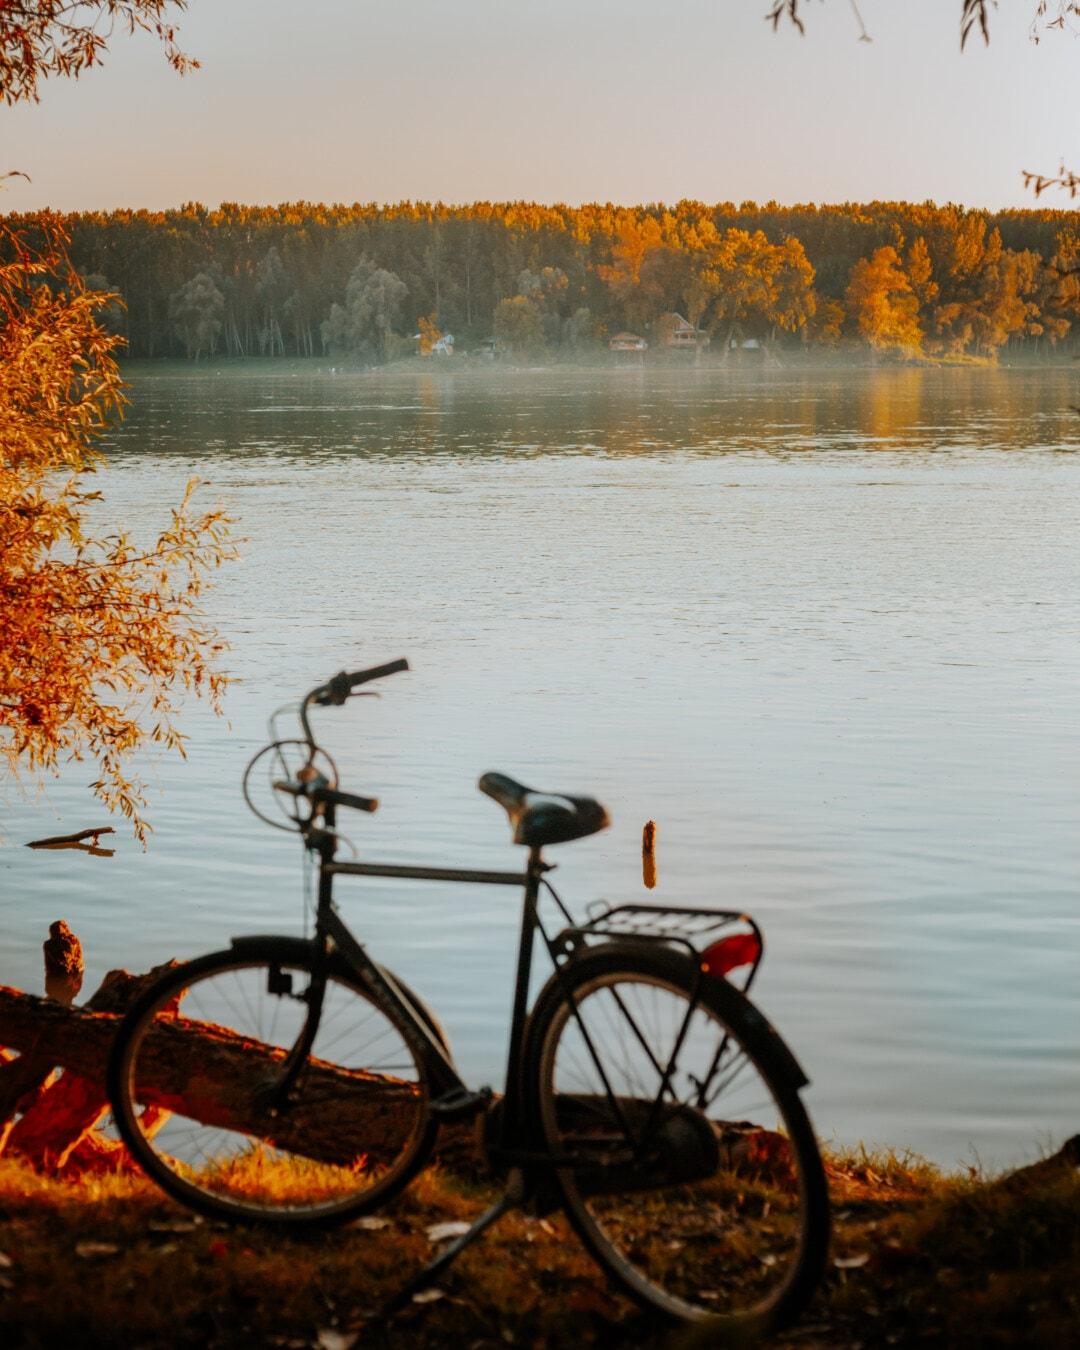 霧, 川岸, 川, 地平線, 自転車, サンセット, サイクリスト, 自転車, 夜明け, 水